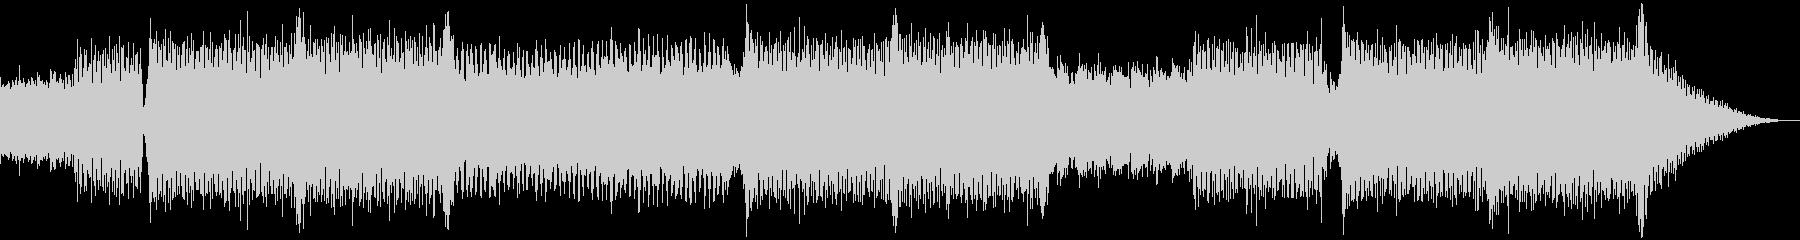 明るい応援ソング(エレクトロニック)の未再生の波形